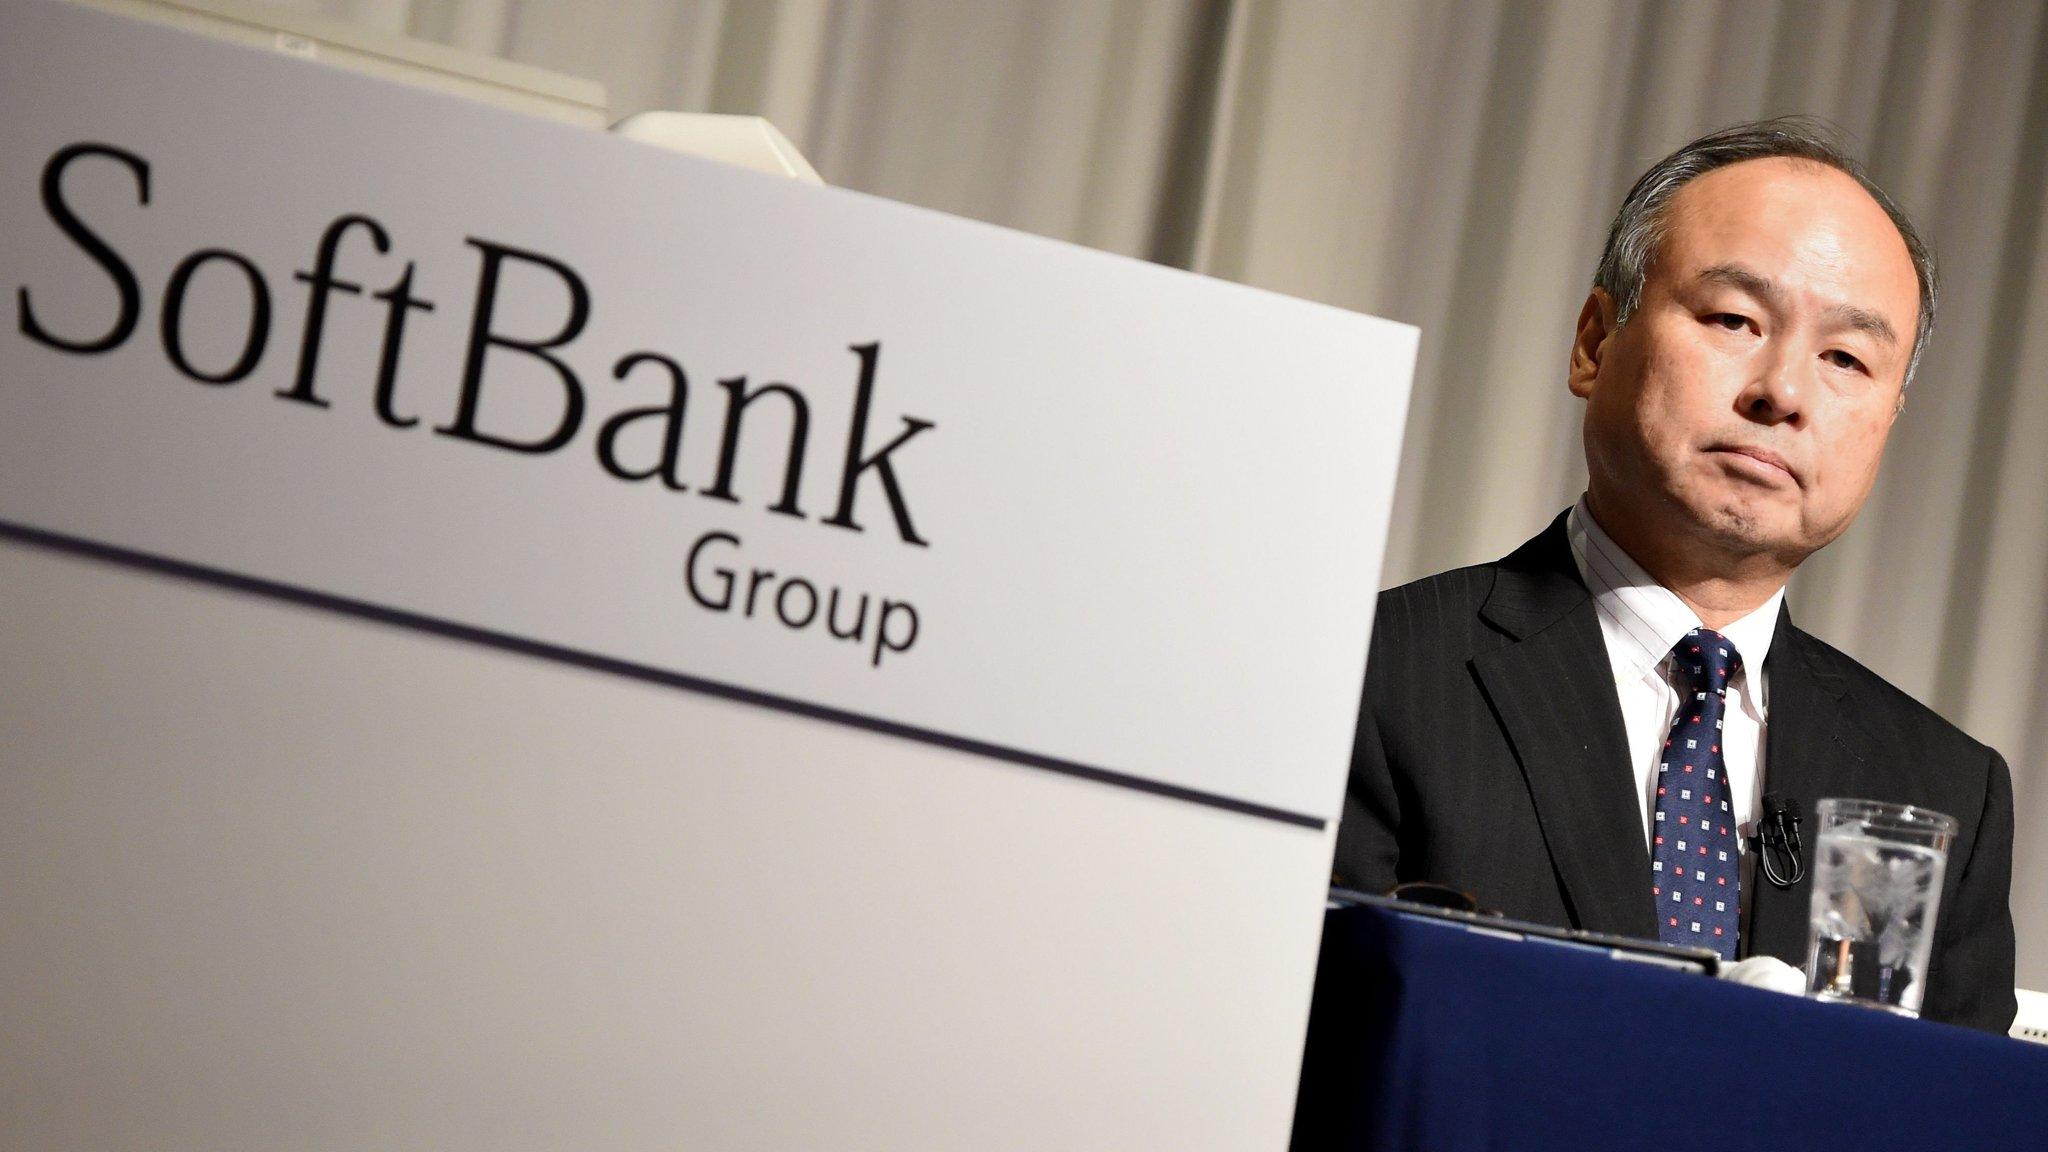 Под давлением инвесторов SoftBank выкупил акций на 5 миллиардов долларов